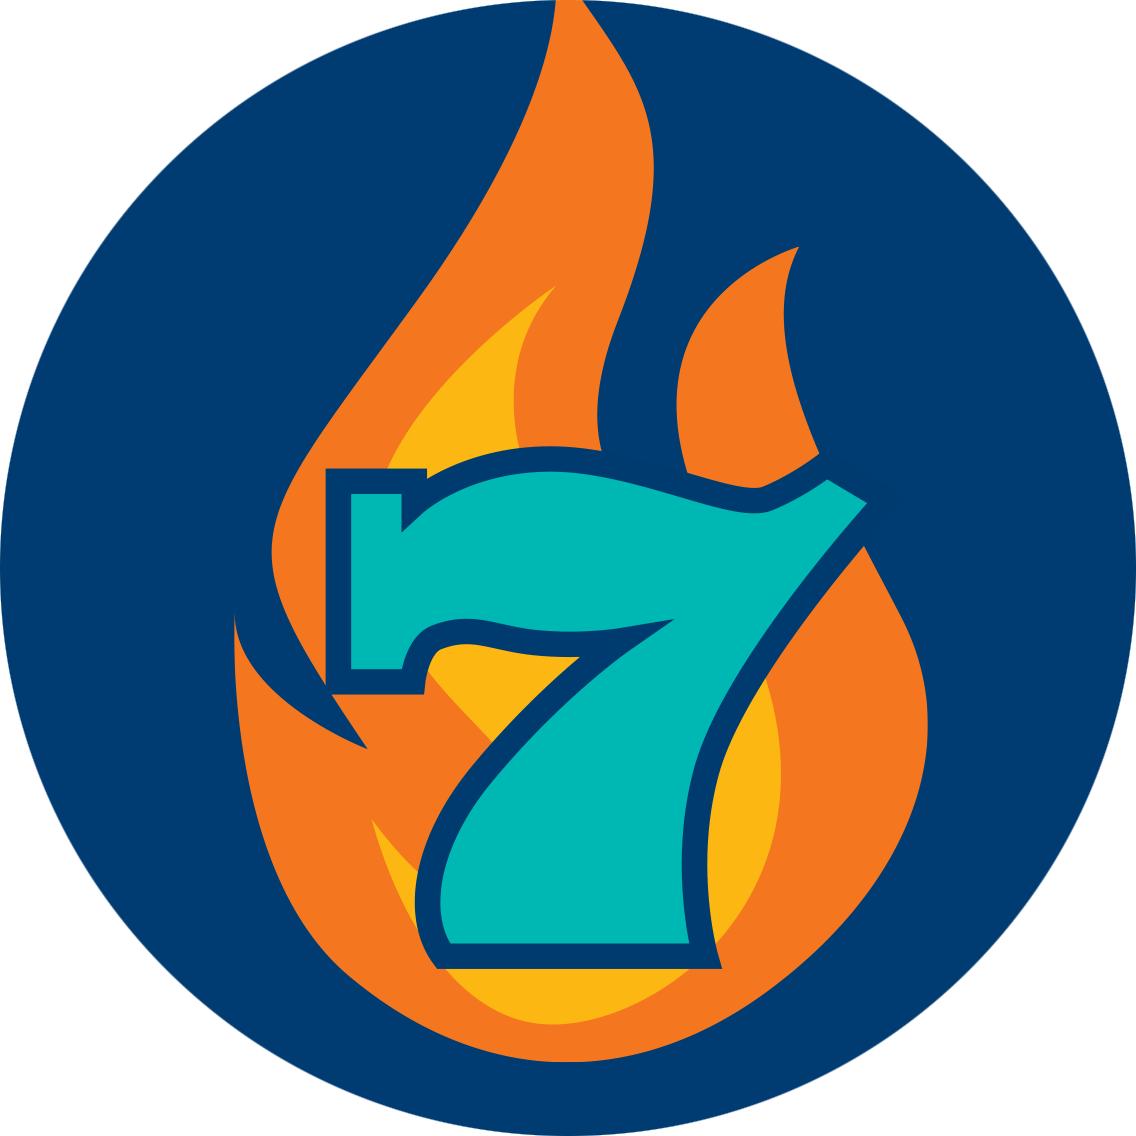 一个数字7在一团火前方。